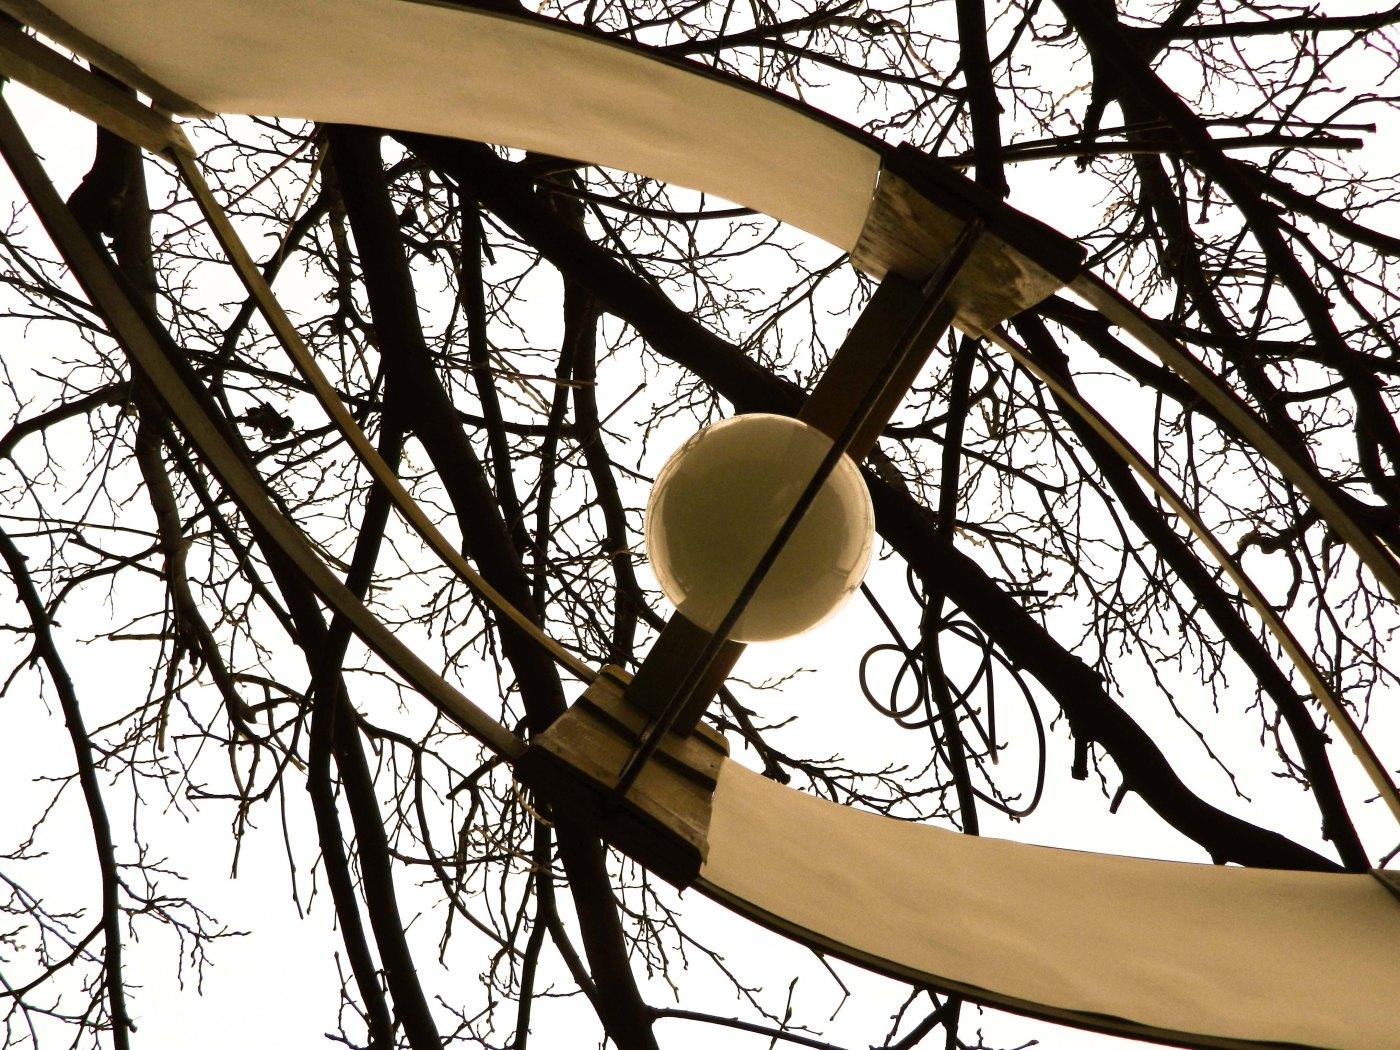 Da tavolo idee lampade - Cappelli per lampade da tavolo ...